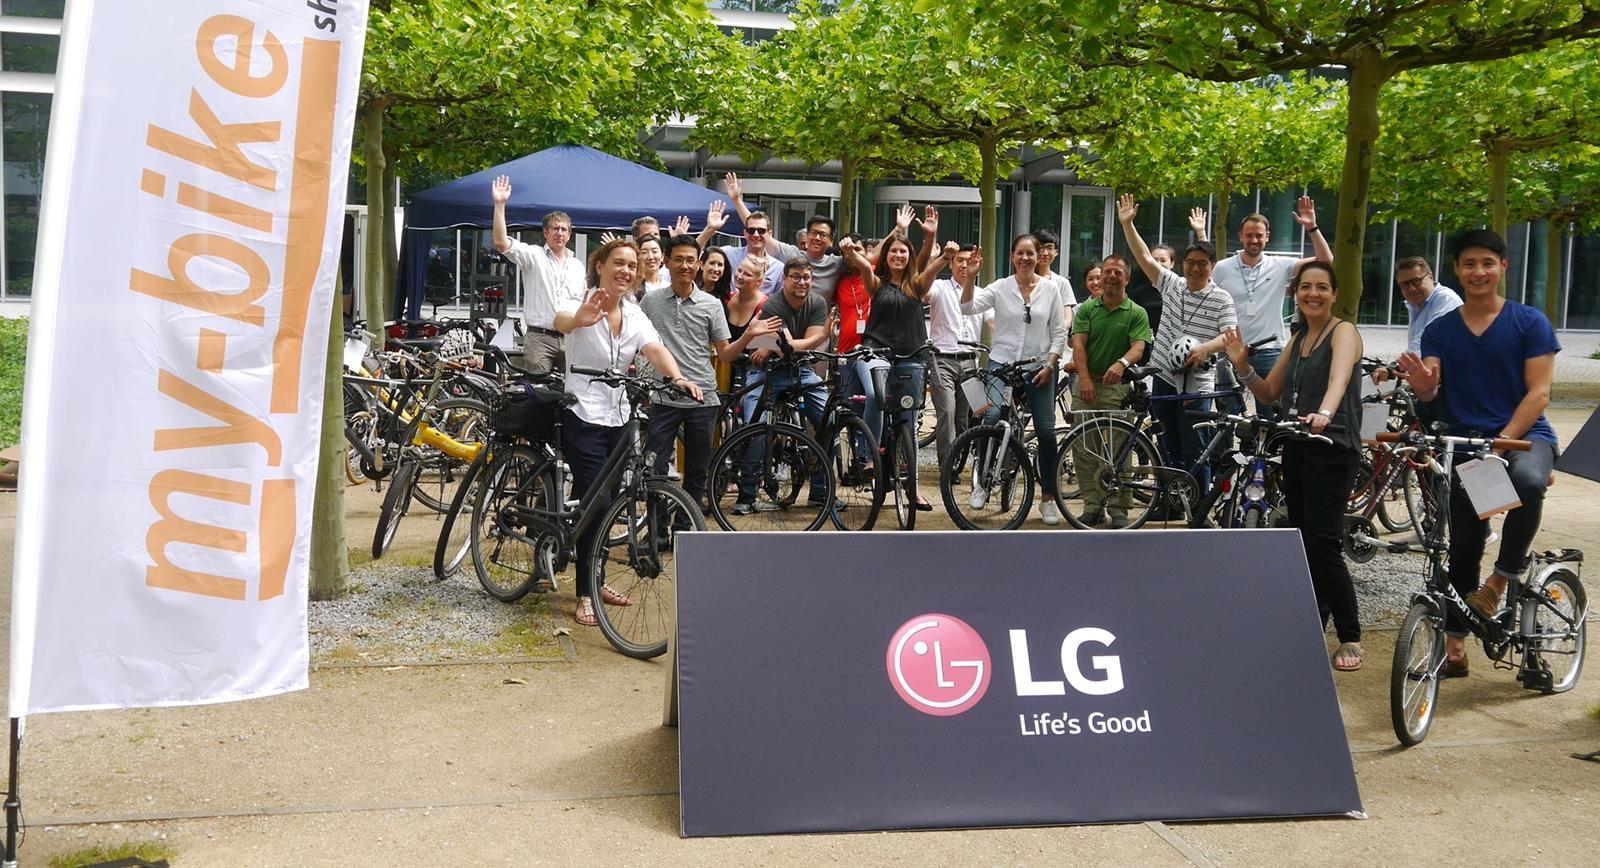 LG전자가 '세계 환경의 날'(6월 5일)을 맞아 대기오염물질을 줄이는 이벤트를 마련했다. 독일에서 근무하는 LG전자 직원들이 '자전거 타고 출근하는 날(Bike To Work Day)' 행사에 참여한 모습